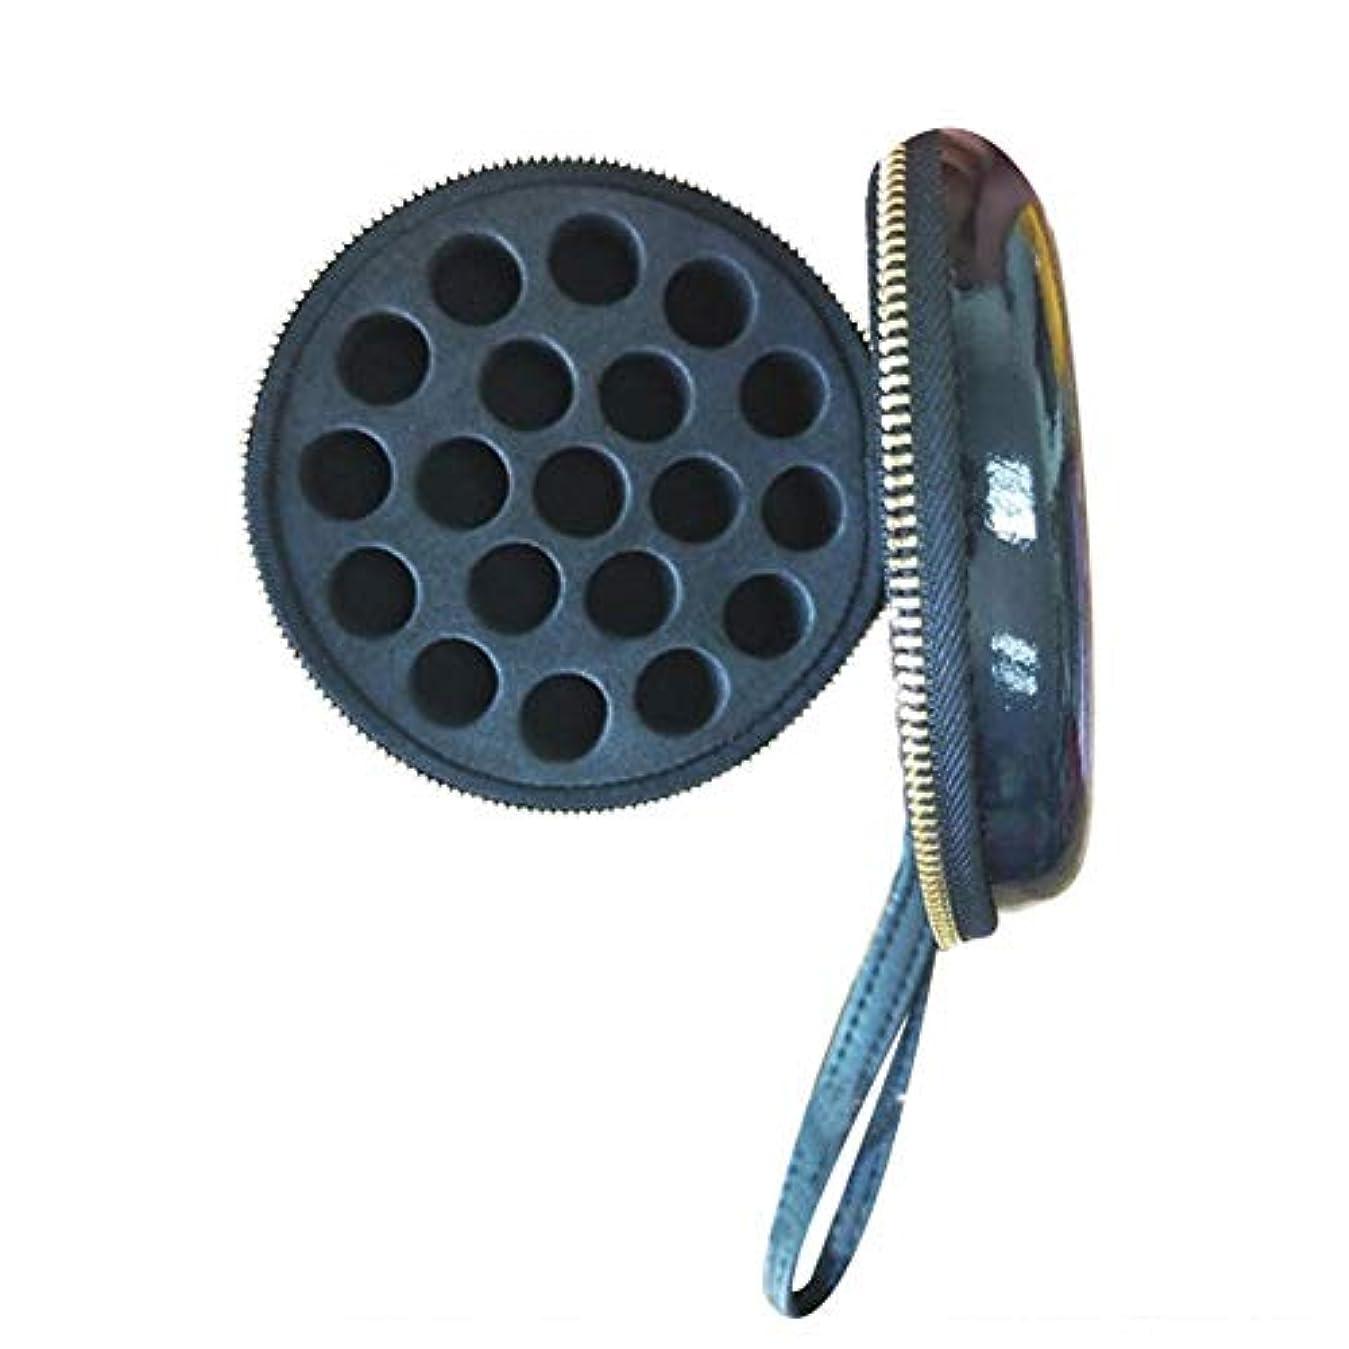 気難しいペン悪いPursue エッセンシャルオイル収納ケース アロマオイル収納ボックス アロマポーチ収納ケース 耐震 携帯便利 香水収納ポーチ 化粧ポーチ 19本用